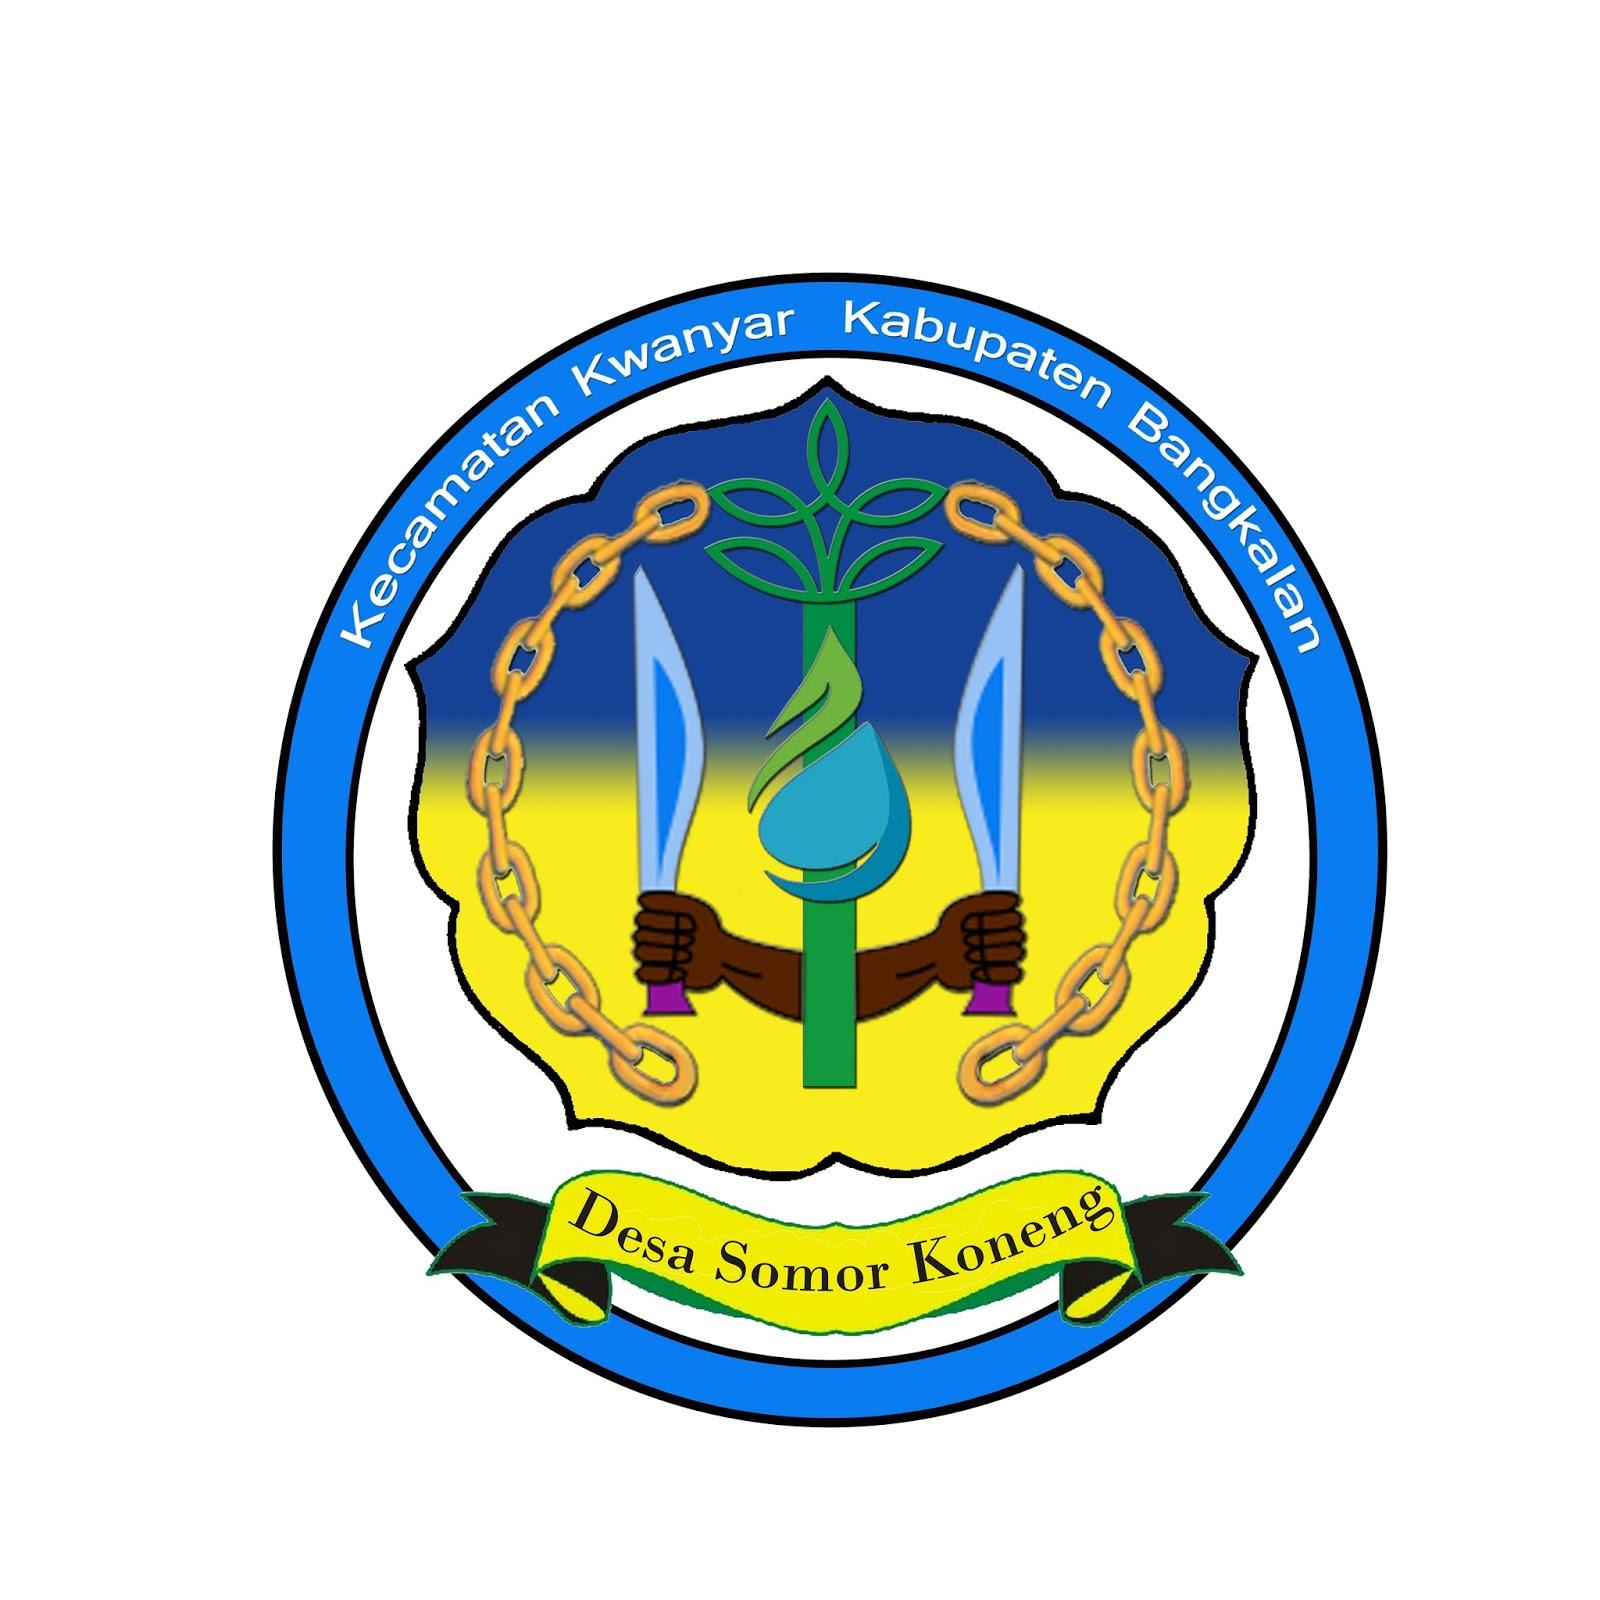 logo%2Bdesa%2Bsomor%2Bkoneng